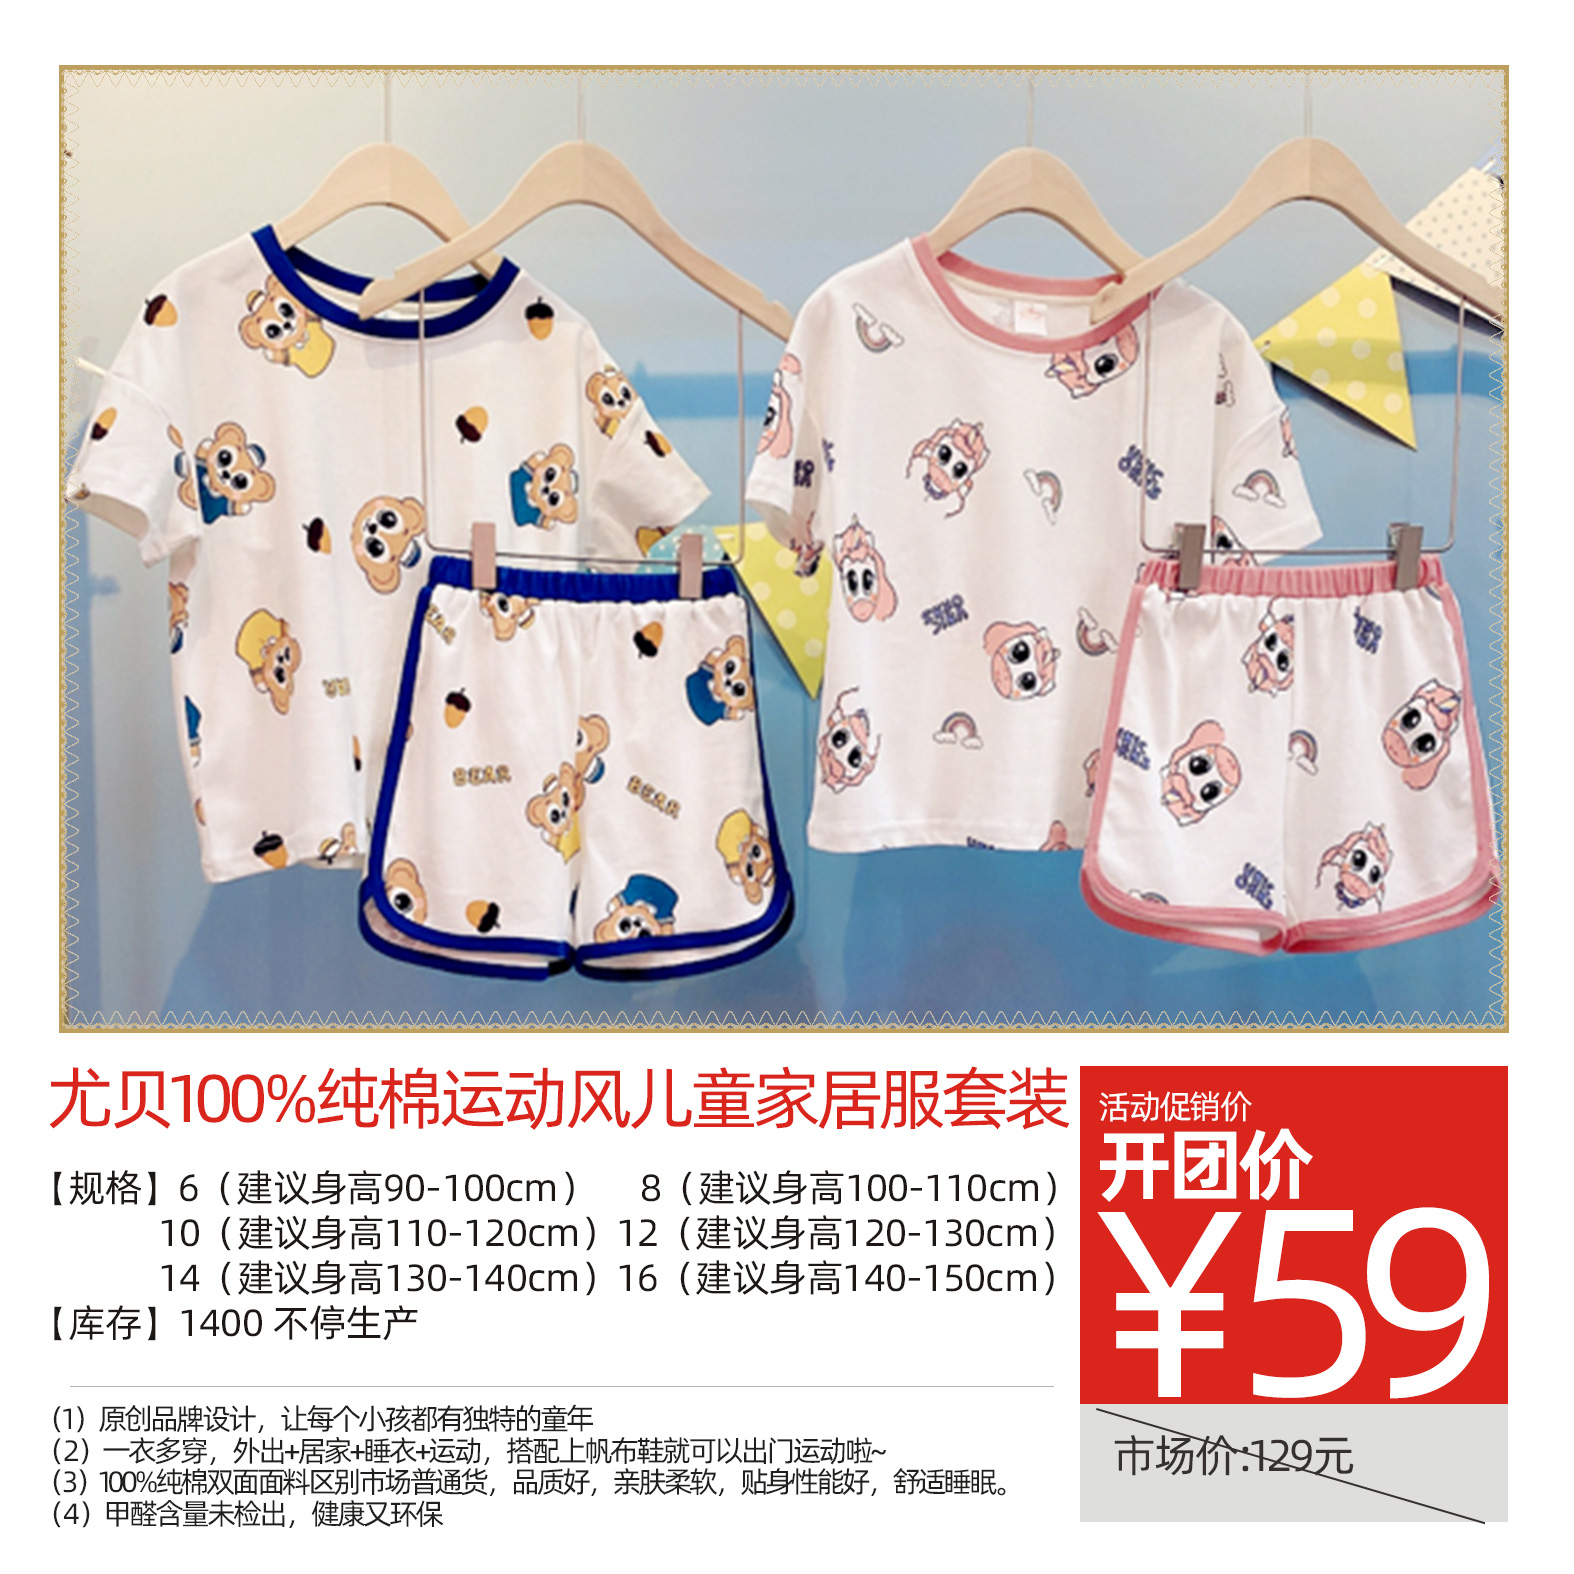 尤贝100%纯棉运动风儿童家居服套装